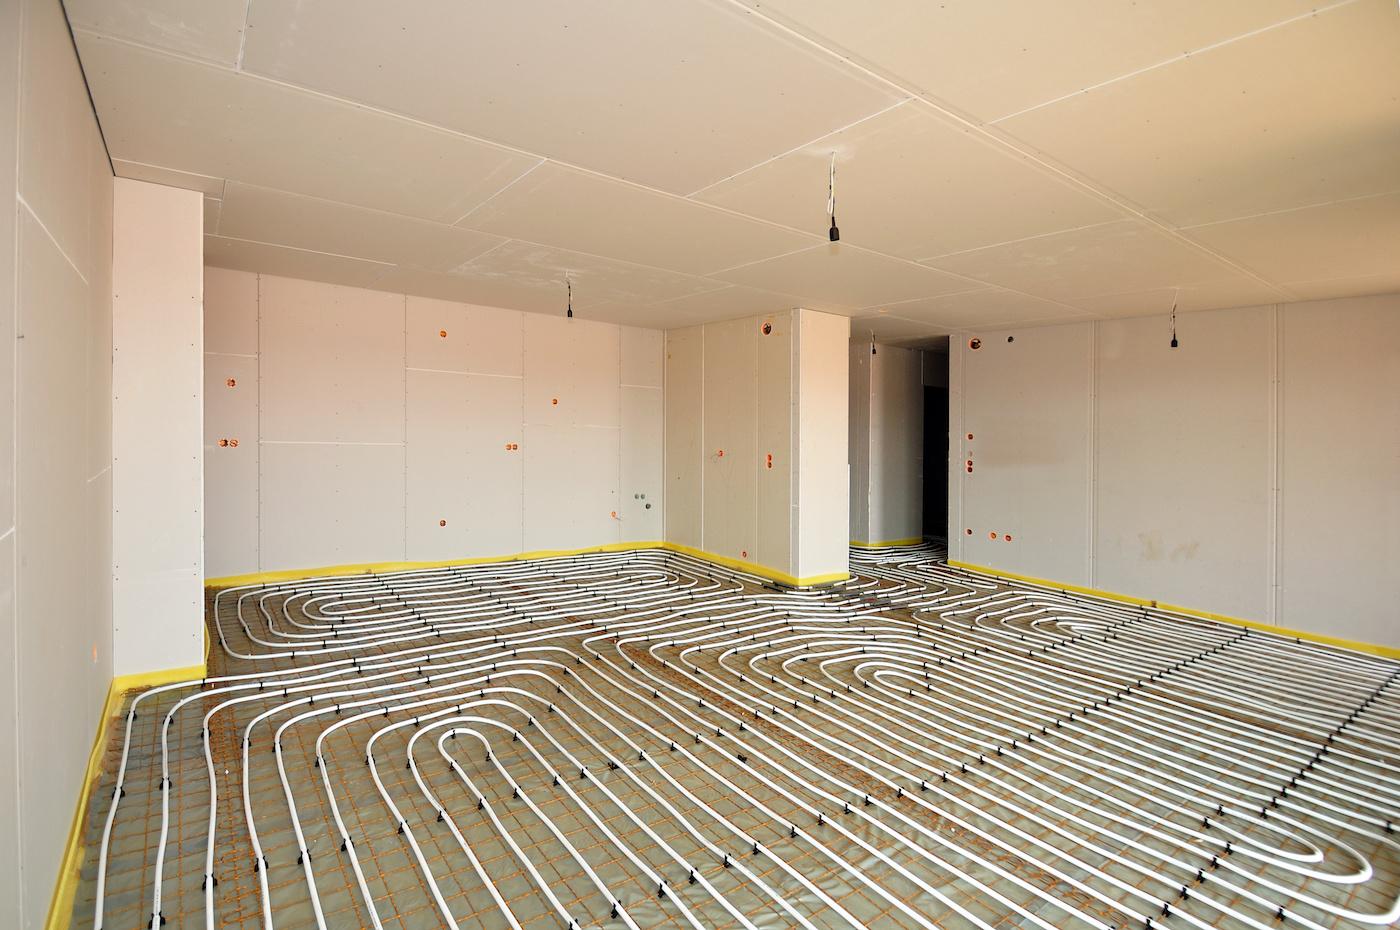 Teppich Fußbodenheizung ~ Sind orientteppiche geeignet für eine fußbodenheizung?